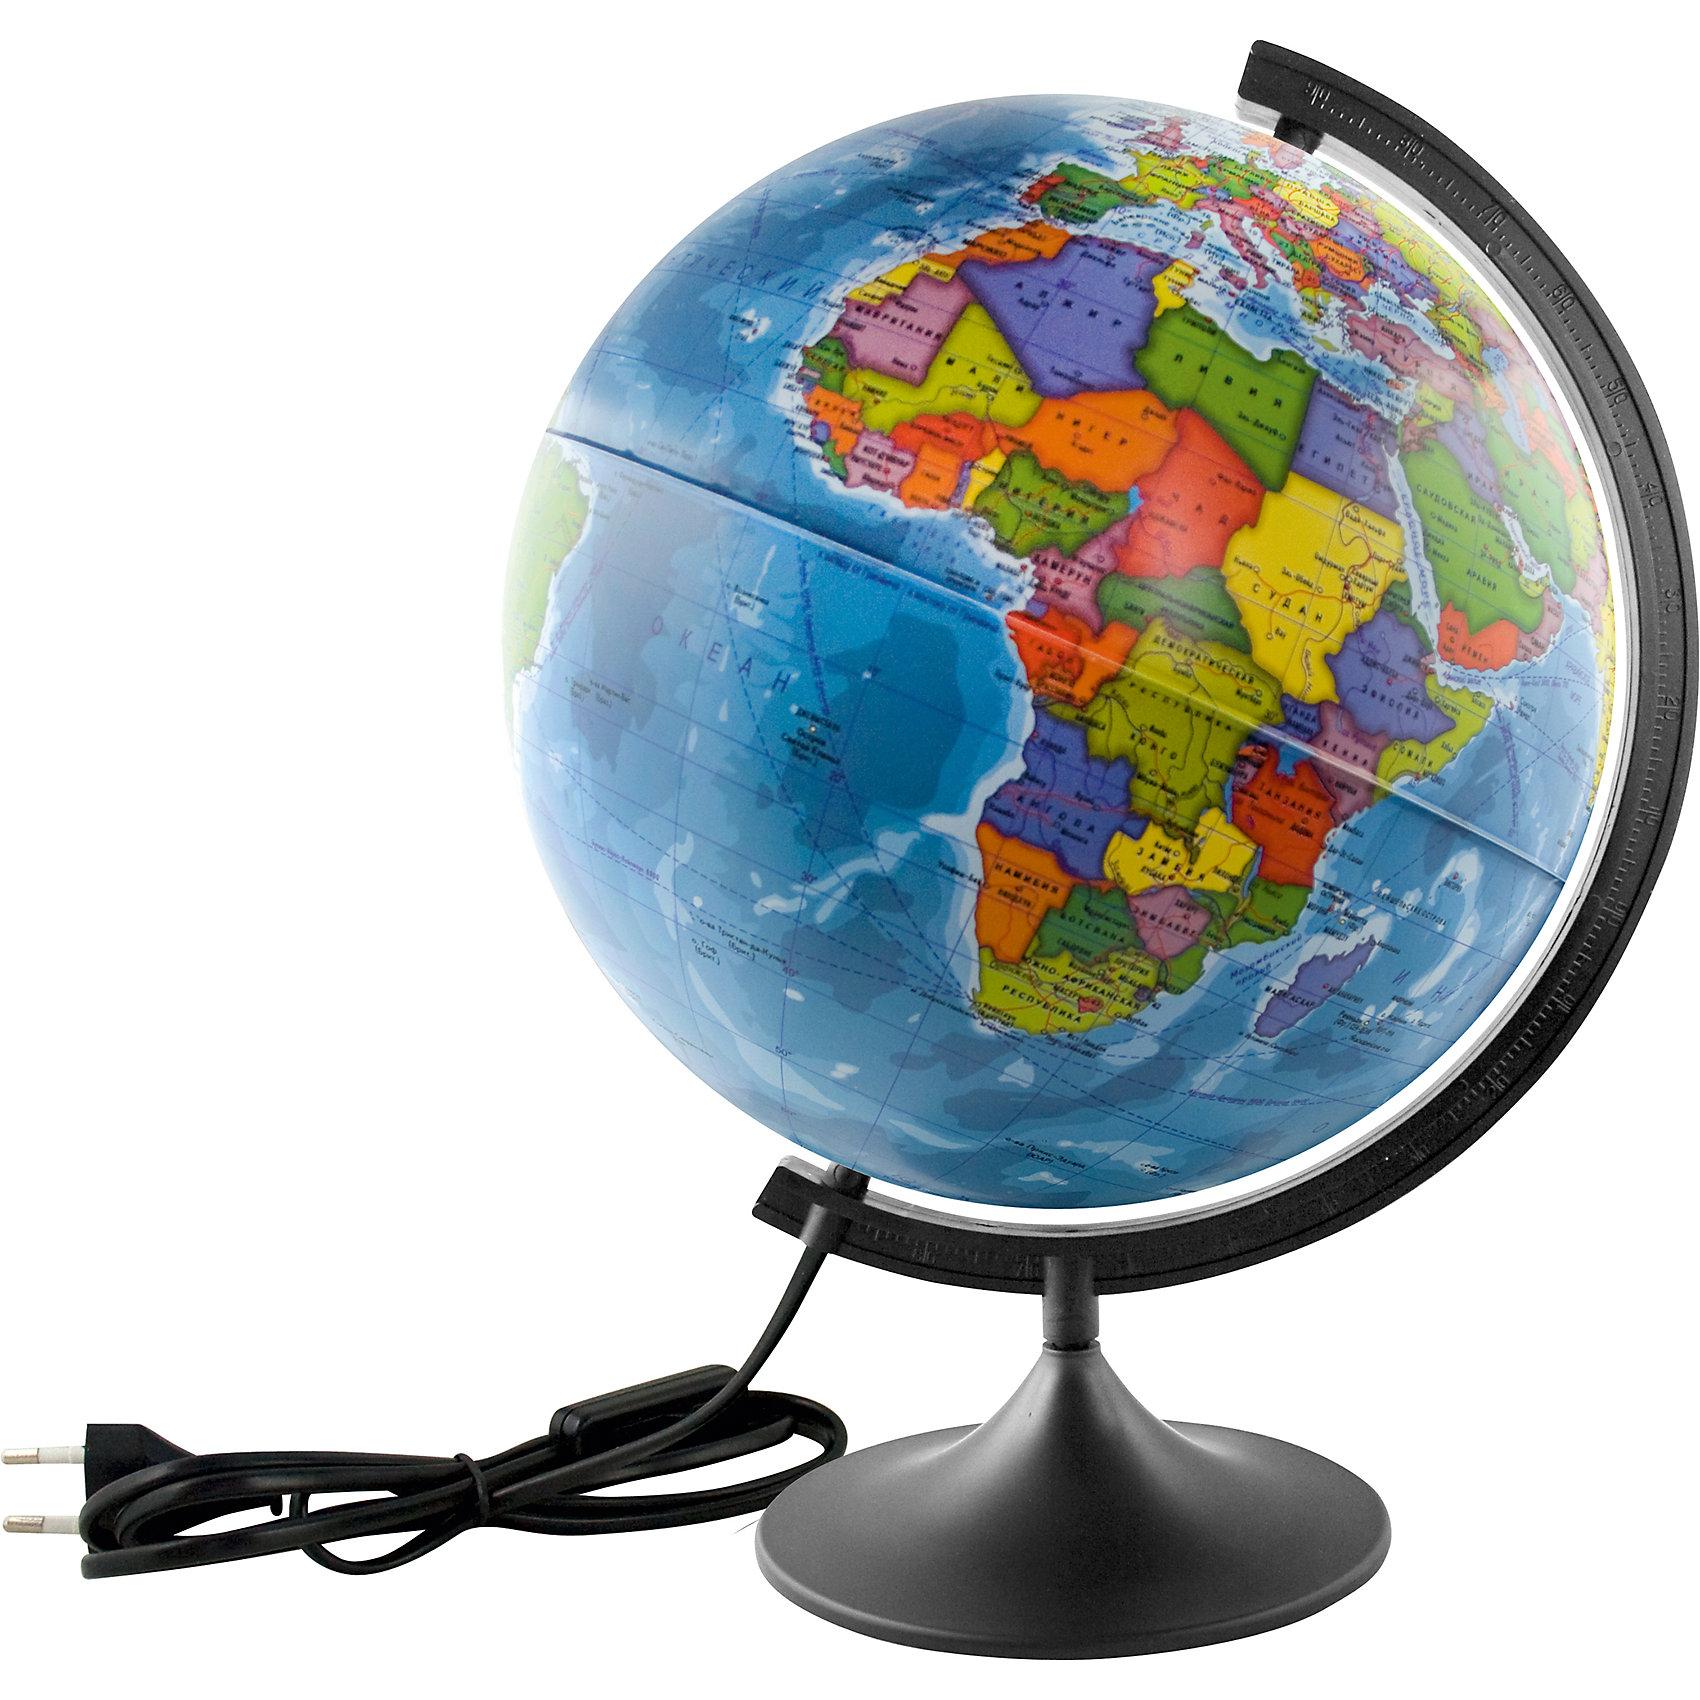 Глобус Земли политический с подсветкой, диаметр 210 ммГлобусы<br>Глобус Земли политический с подсветкой, д-р 210.<br><br>Характеристики:<br><br>• Для детей в возрасте: от 6 лет<br>• Диаметр: 21 см.<br>• Материал: пластик<br>• Цвет подставки и дуги: черный<br>• Подсветка работает от сети<br><br>Настольный глобус с современной политической картой мира (Крым в составе РФ) станет замечательным наглядным пособием для вашего ребенка. Политическая карта выполнена в ярких цветах. На карту нанесены страны, границы, города, континенты, моря, океаны, реки и большие озера и другая полезная информация. Надписи выполнены на русском языке, четкие и легкочитаемые. Сфера глобуса изготовлена из прочного высококачественного пластика, поэтому она не расколется от случайного падения. Устойчивая подставка и дуга с градусными отметками выполнены из прочного высококачественного пластика черного цвета. Для усиления цветового эффекта можно включить подсветку. Подсветка работает от стационарной сети в 220 Вольт. Провод изолирован, есть переключатель. Диаметр сферы глобуса 21 см - это оптимальный вариант для дошкольников и учащихся начальной школы. При таком размере достаточно подробно отображена карта мира, при этом глобус не занимает много места, и его легко держать ребенку в руках.<br><br>Глобус Земли политический с подсветкой, д-р 210 можно купить в нашем интернет-магазине.<br><br>Ширина мм: 230<br>Глубина мм: 210<br>Высота мм: 210<br>Вес г: 500<br>Возраст от месяцев: 72<br>Возраст до месяцев: 2147483647<br>Пол: Унисекс<br>Возраст: Детский<br>SKU: 5504456